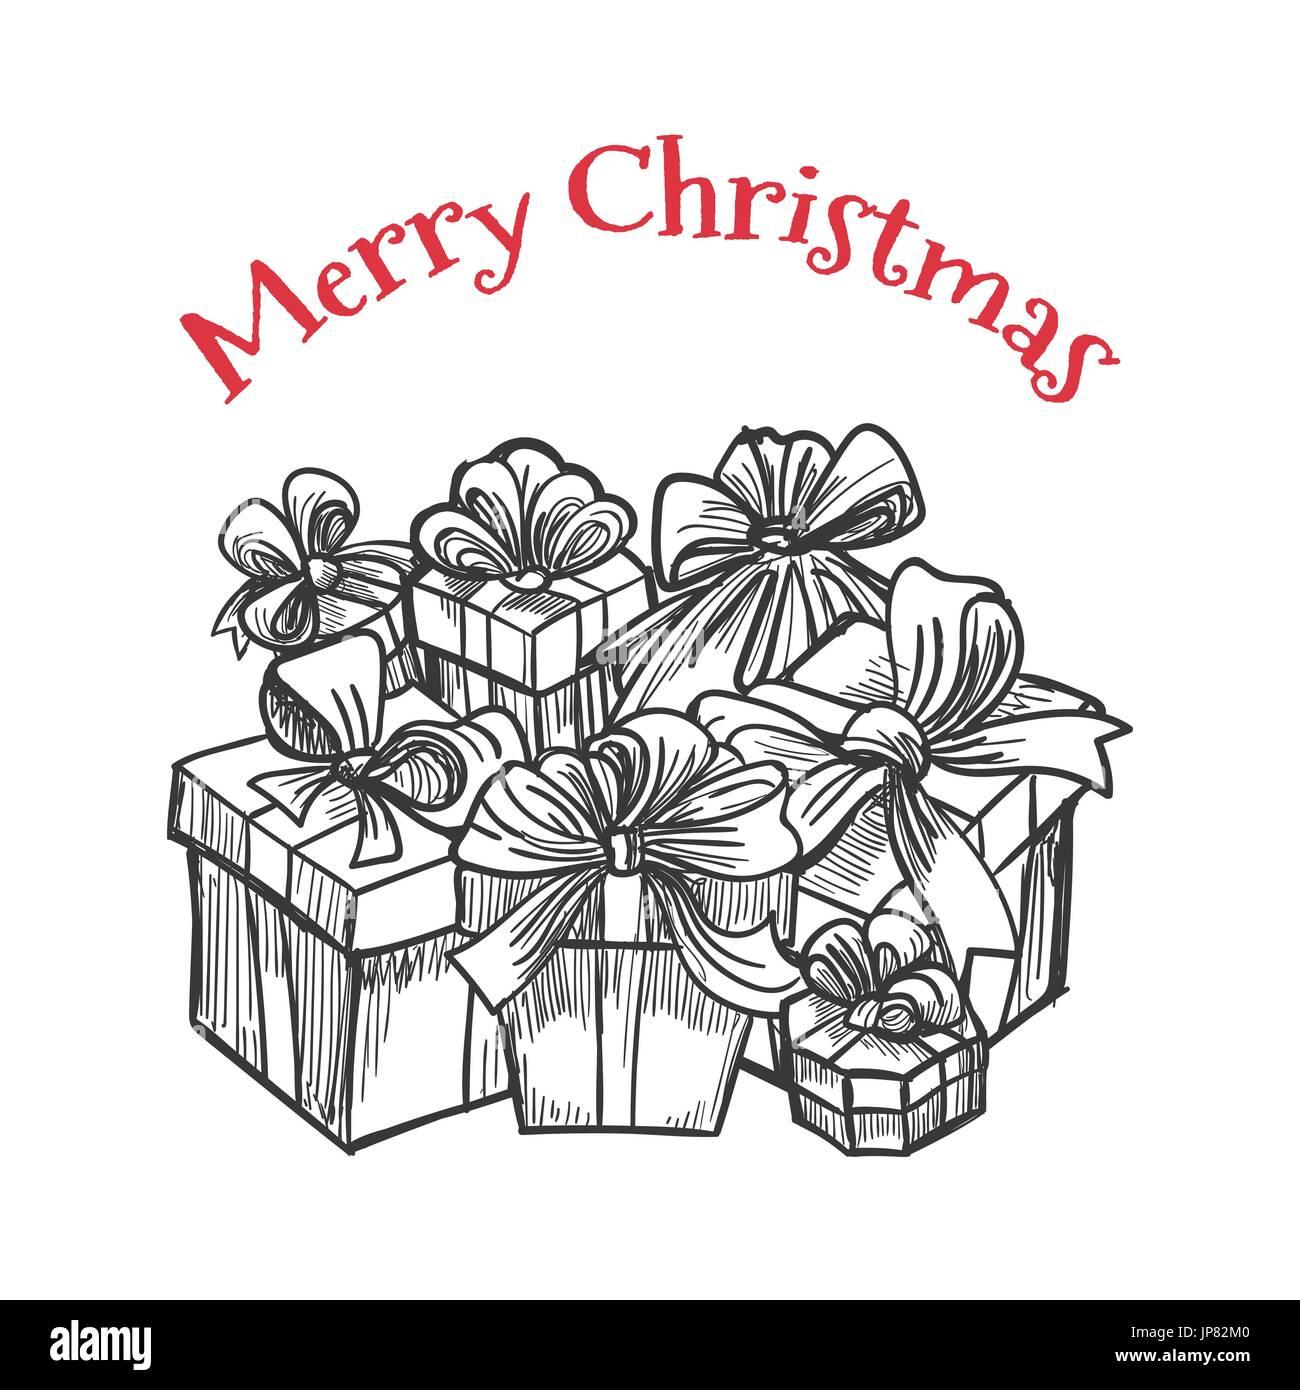 Immagini Natale In Bianco E Nero.In Bianco E Nero Dei Regali Di Scatole Vector Monochrome Buon Natale Template Design Immagine E Vettoriale Alamy